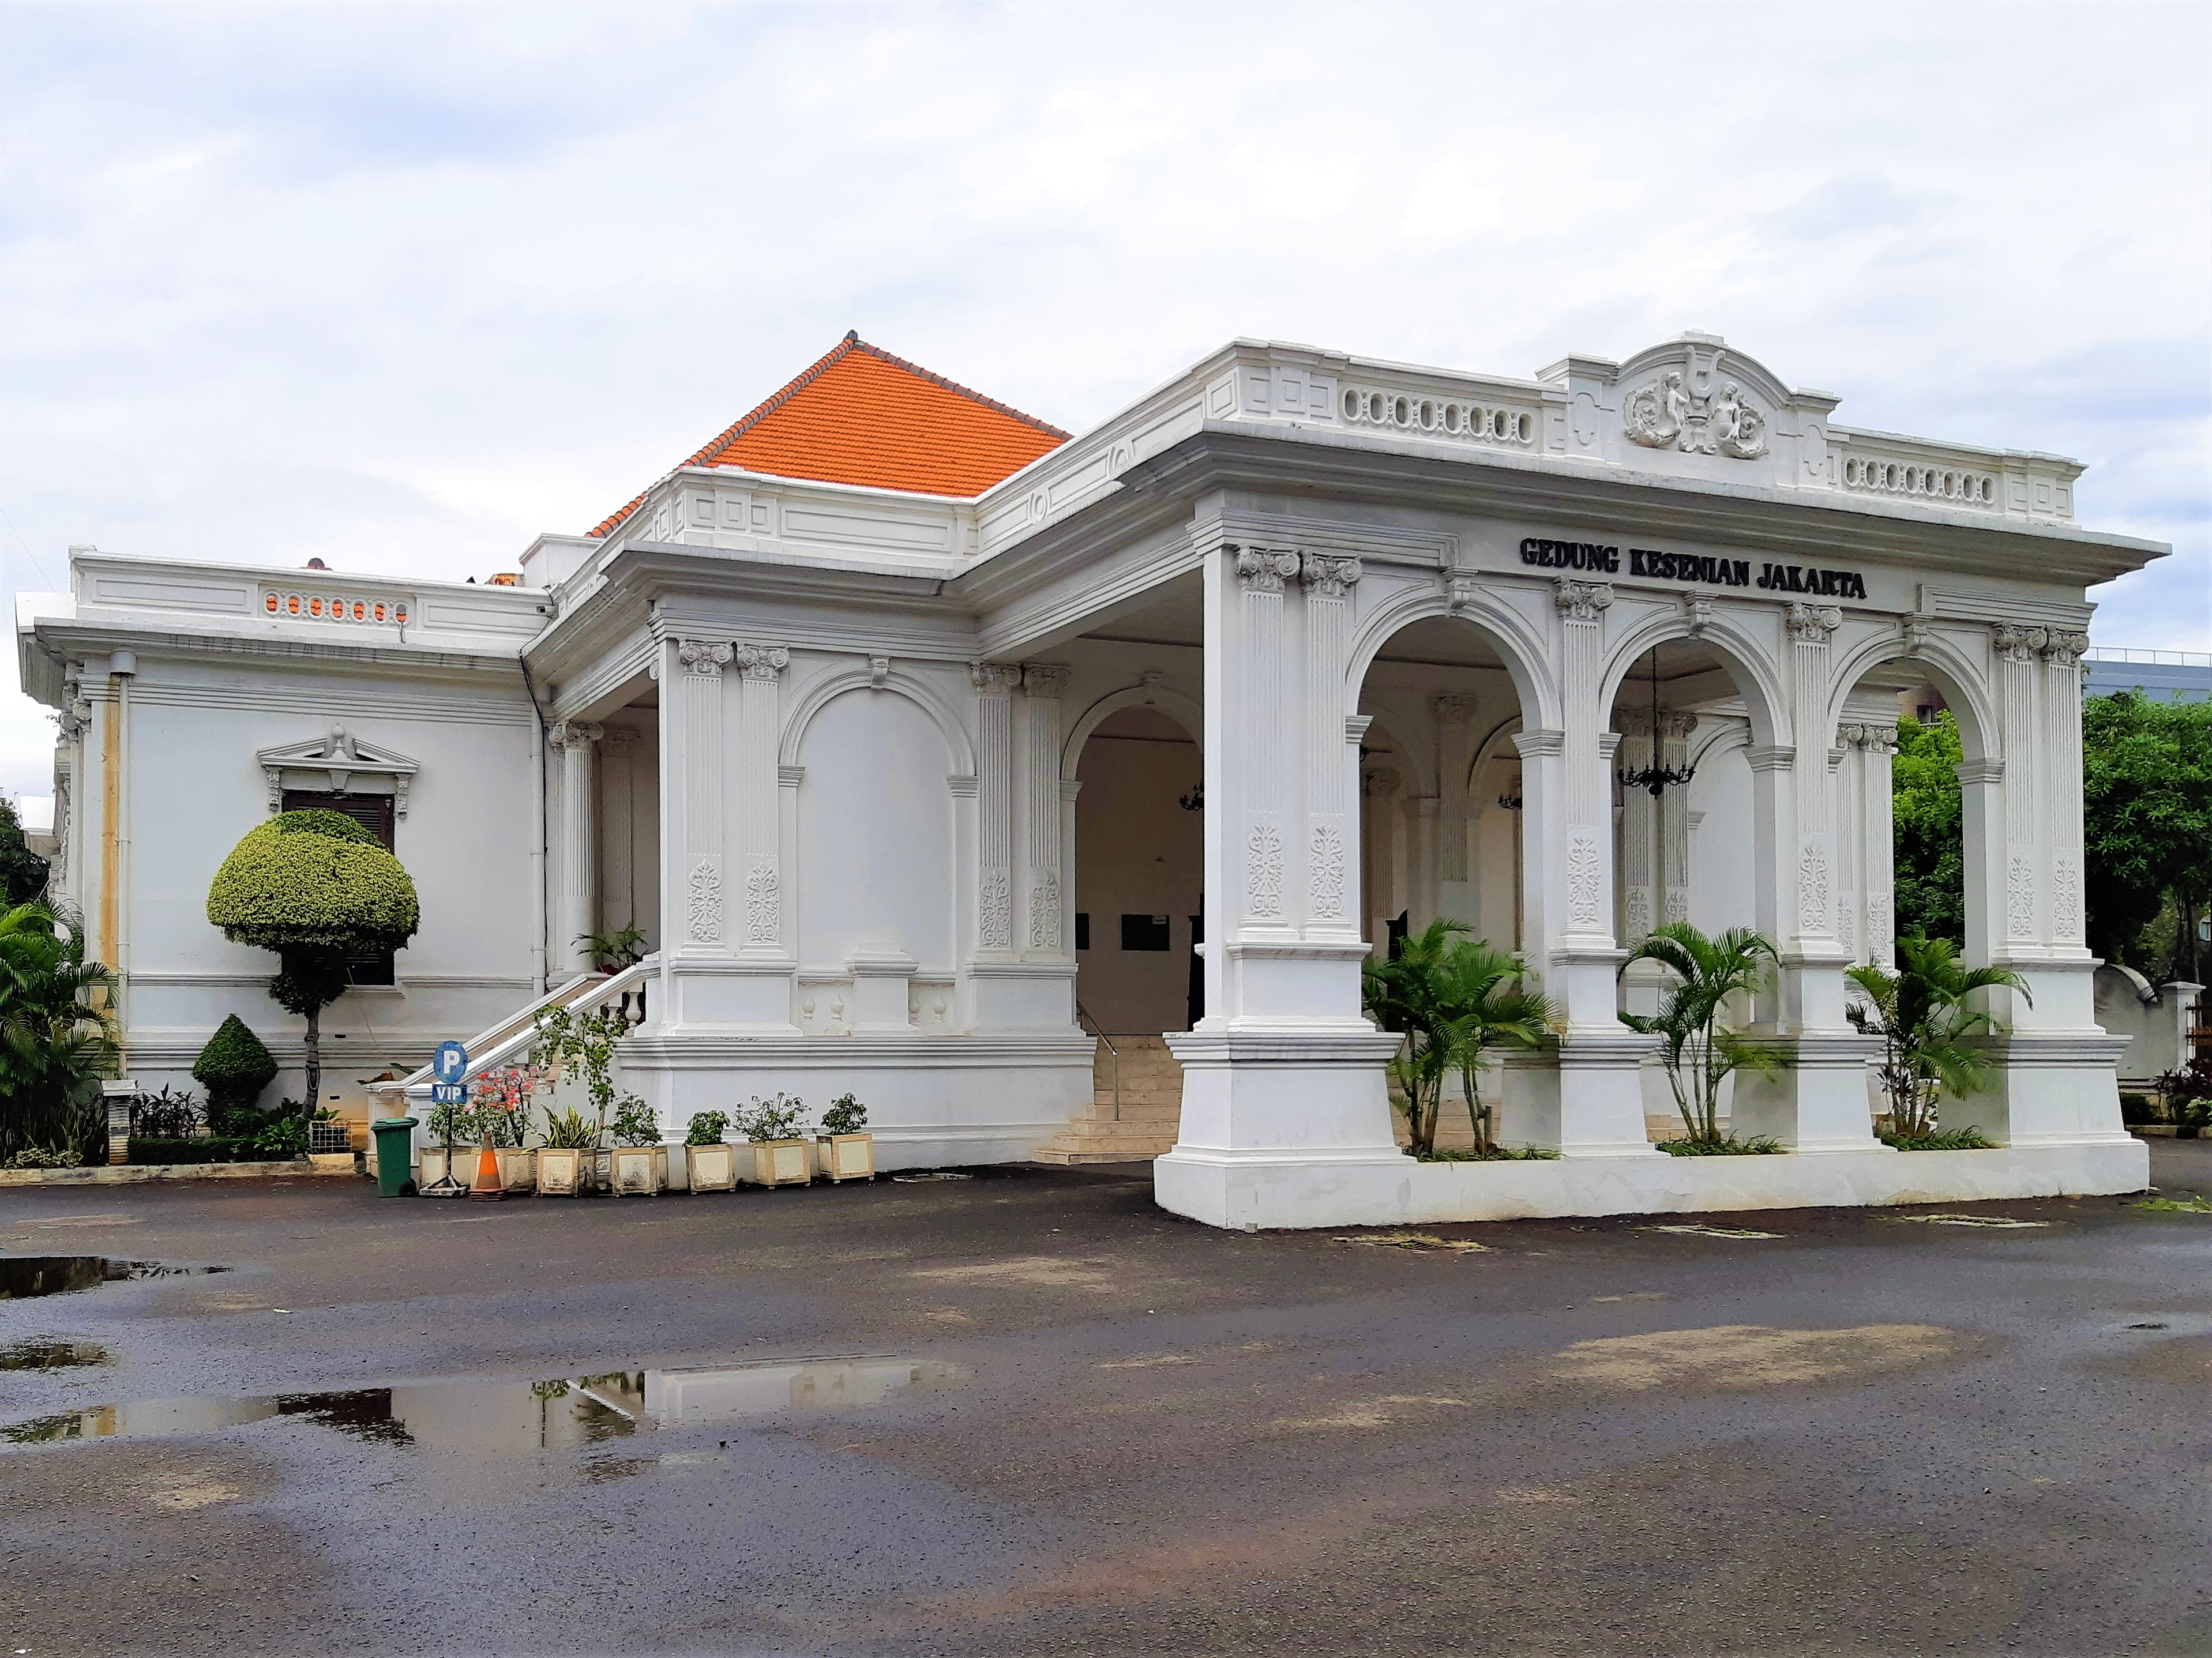 Gedung Kesenian Jakarta Wikipedia Bahasa Indonesia Ensiklopedia Bebas